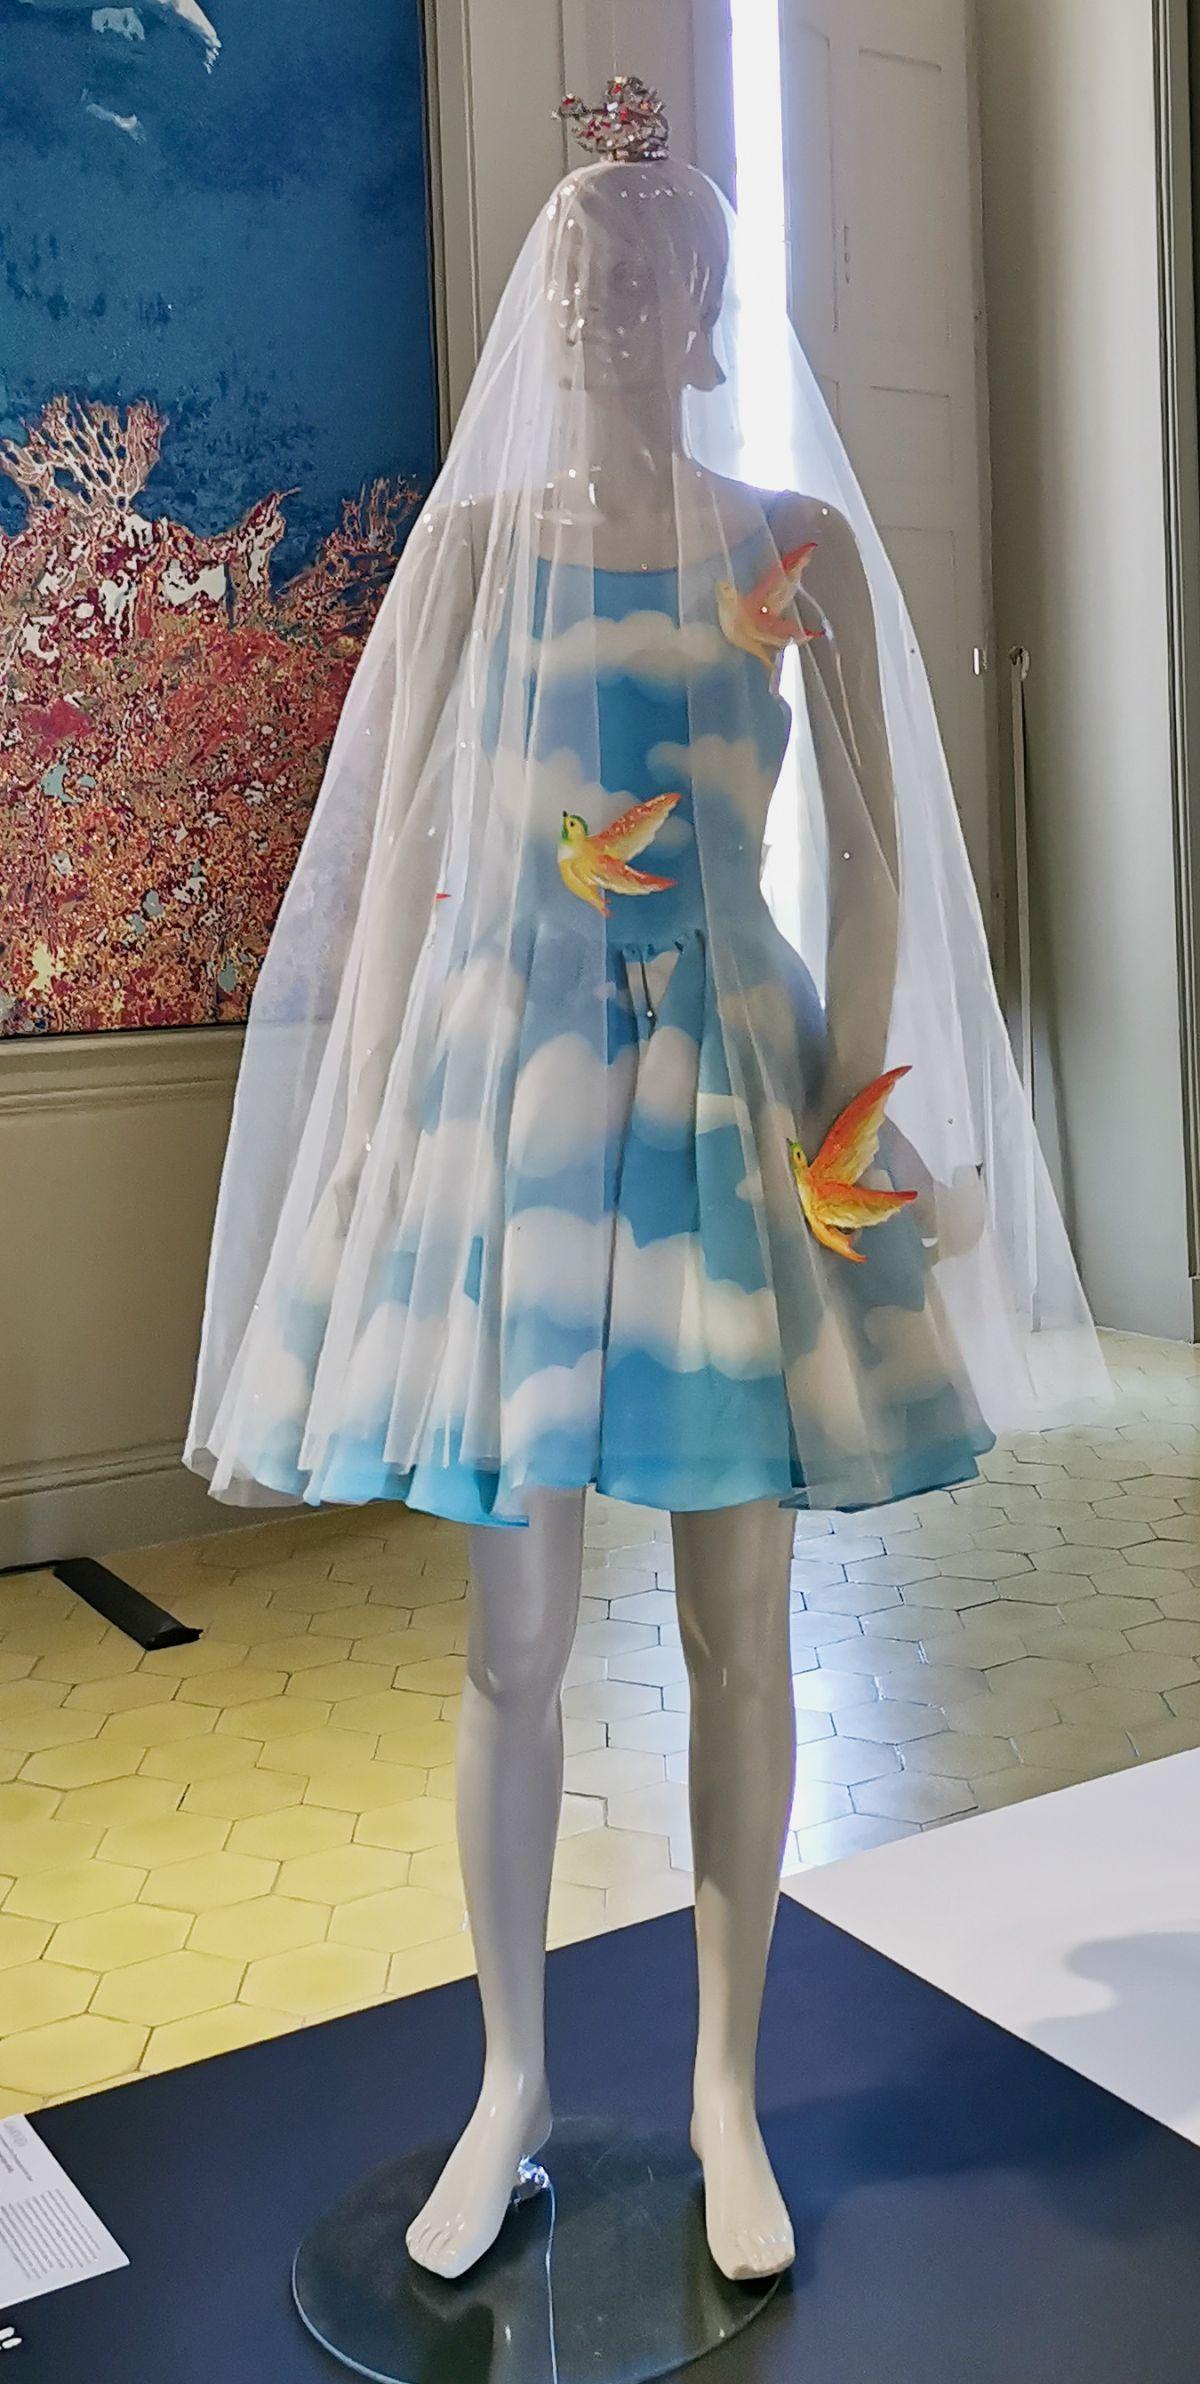 Carven - Carmen de Tomasso - Robe de mariée et son voile, 1995 - L'héritage surréaliste dans la mode au Château Borély - Grand Salon